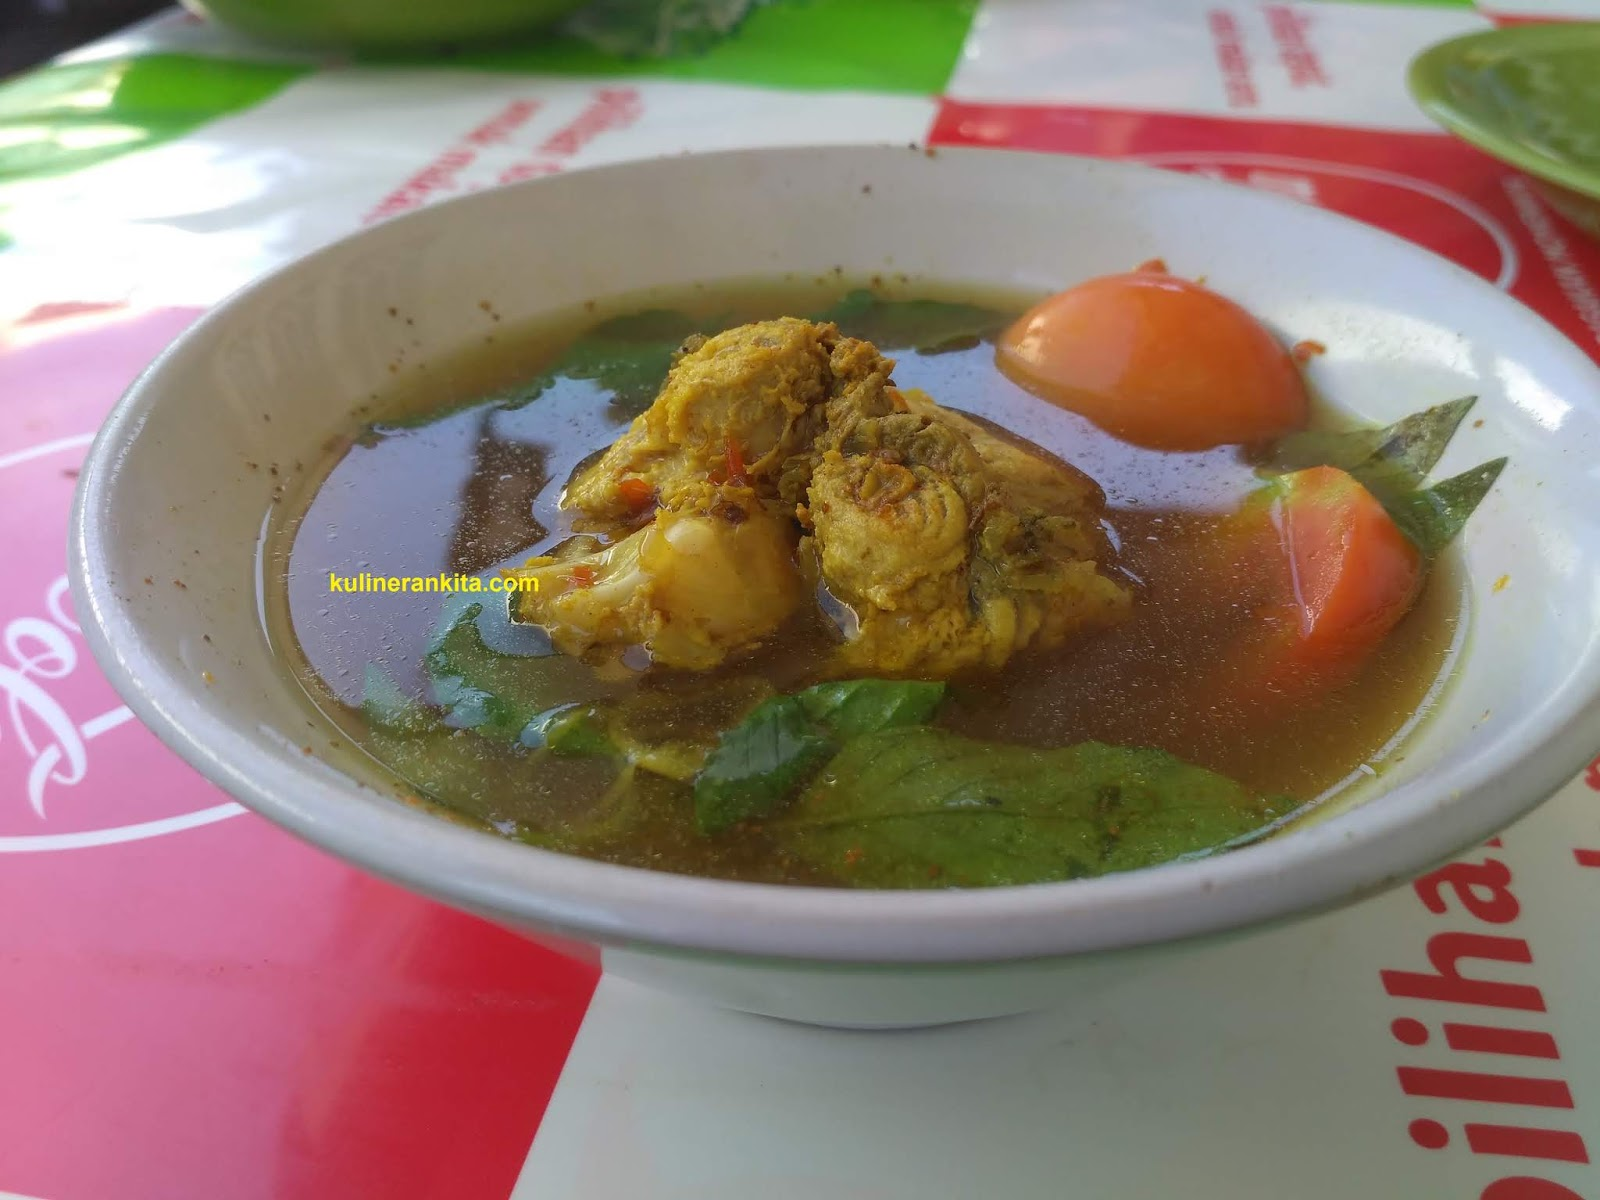 kulinerankita.com